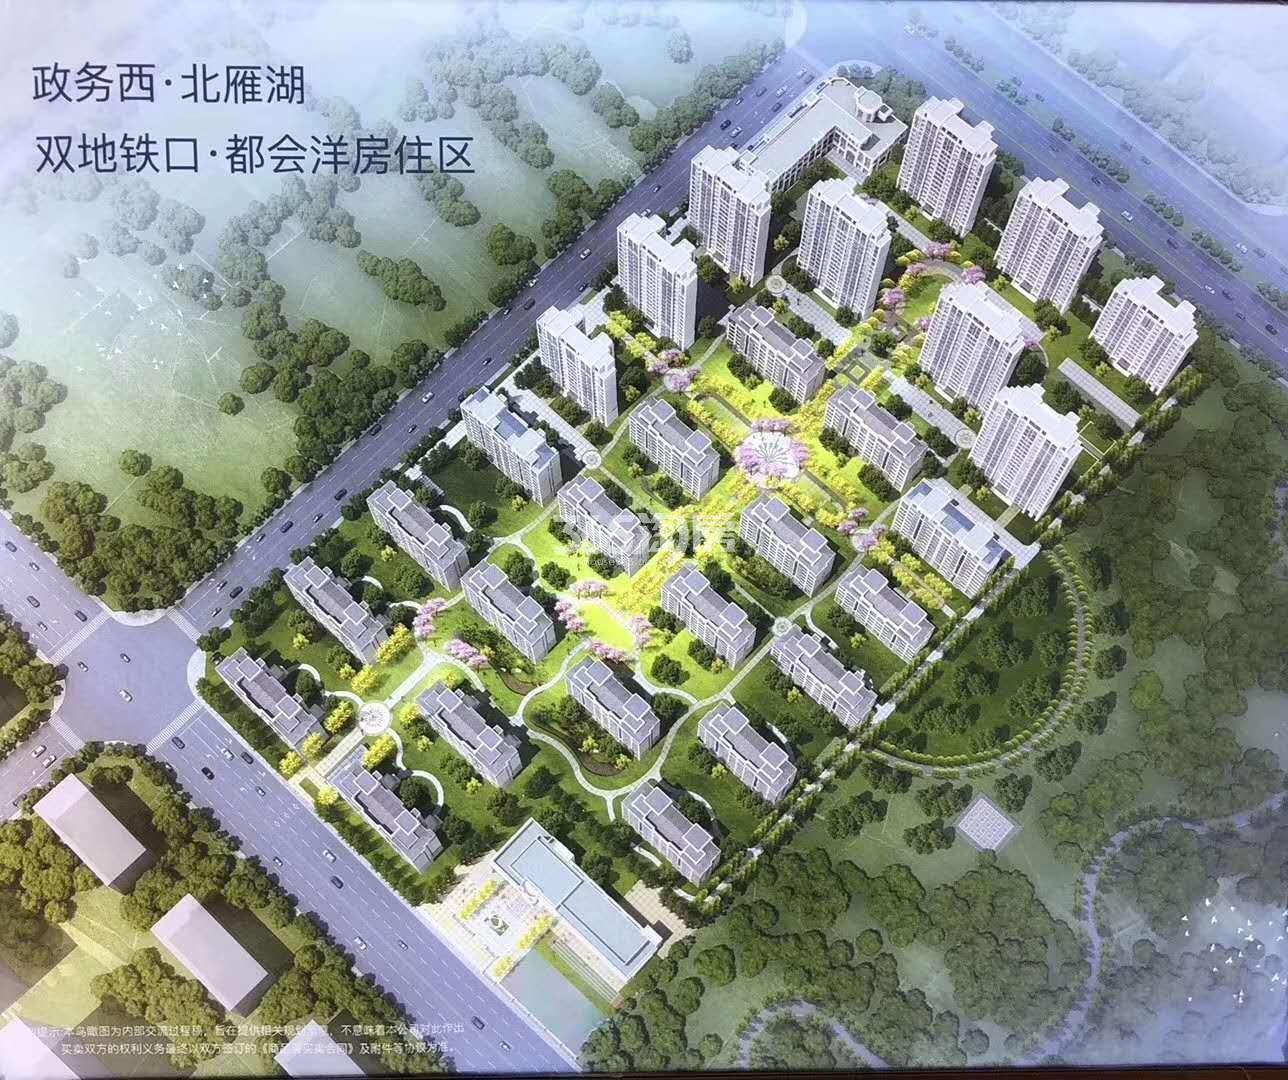 中海嶺湖湾鸟瞰图